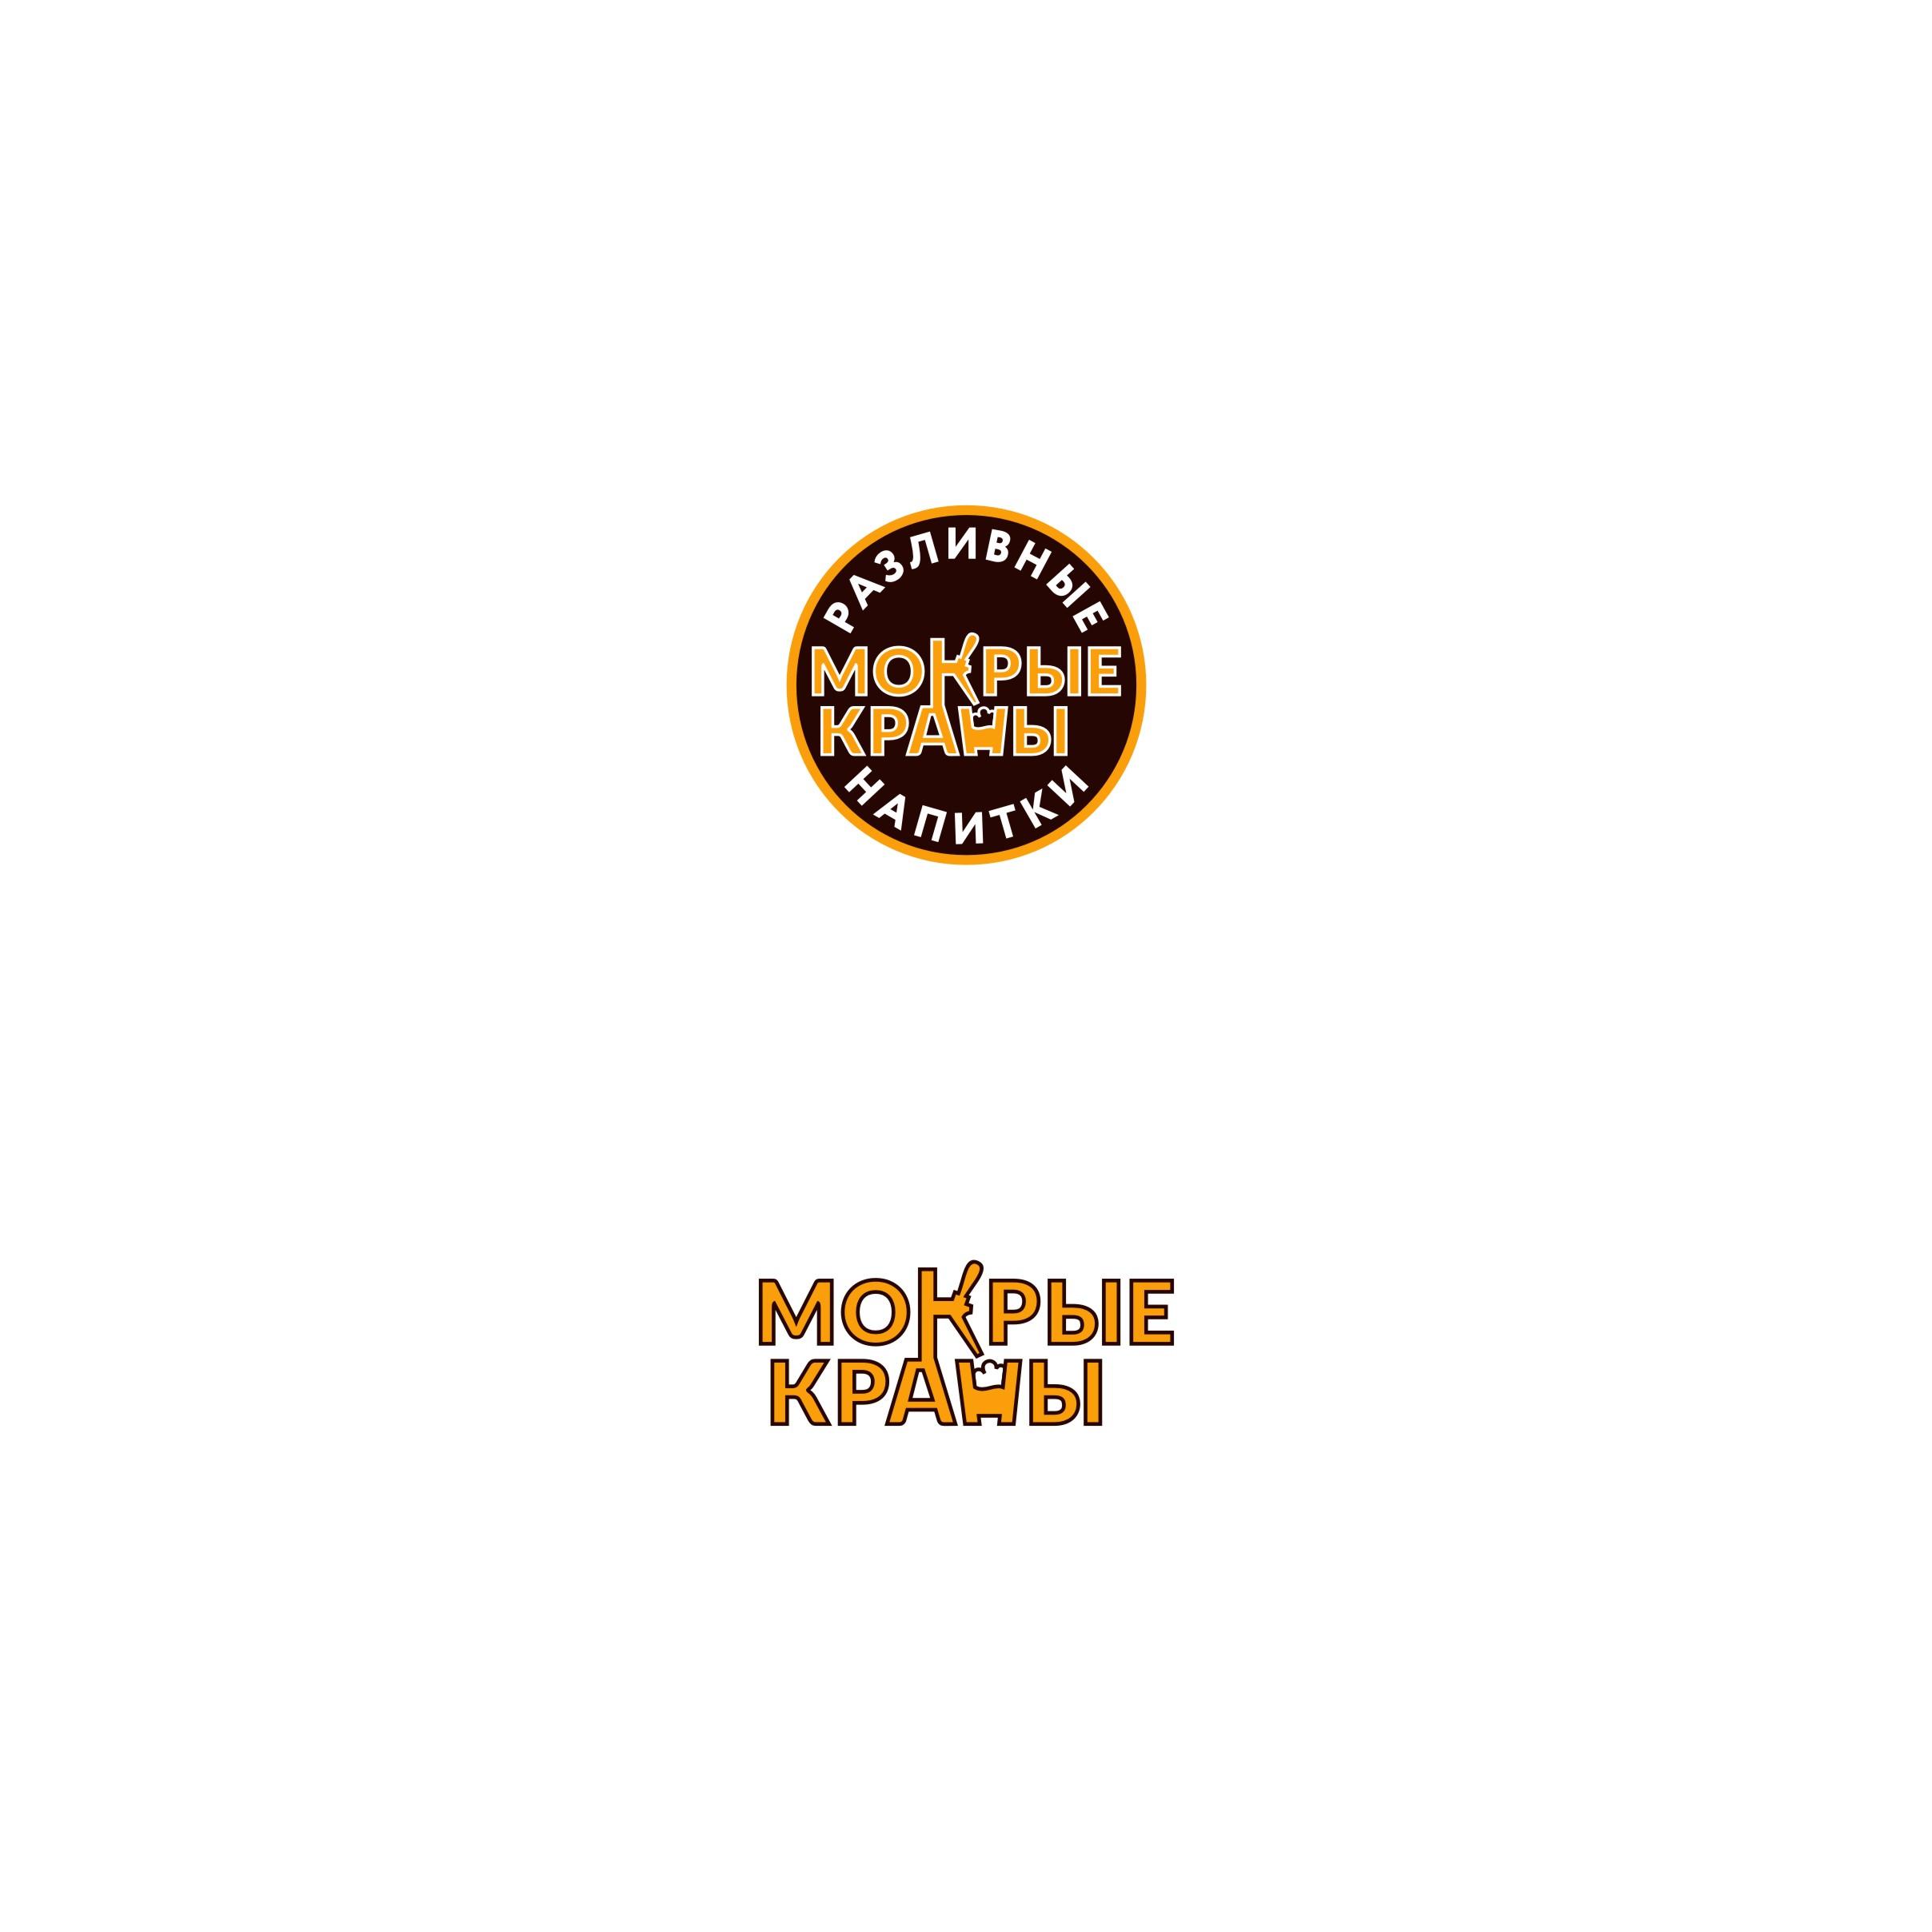 Вывеска/логотип для пивного магазина фото f_079602026a5eede4.jpg